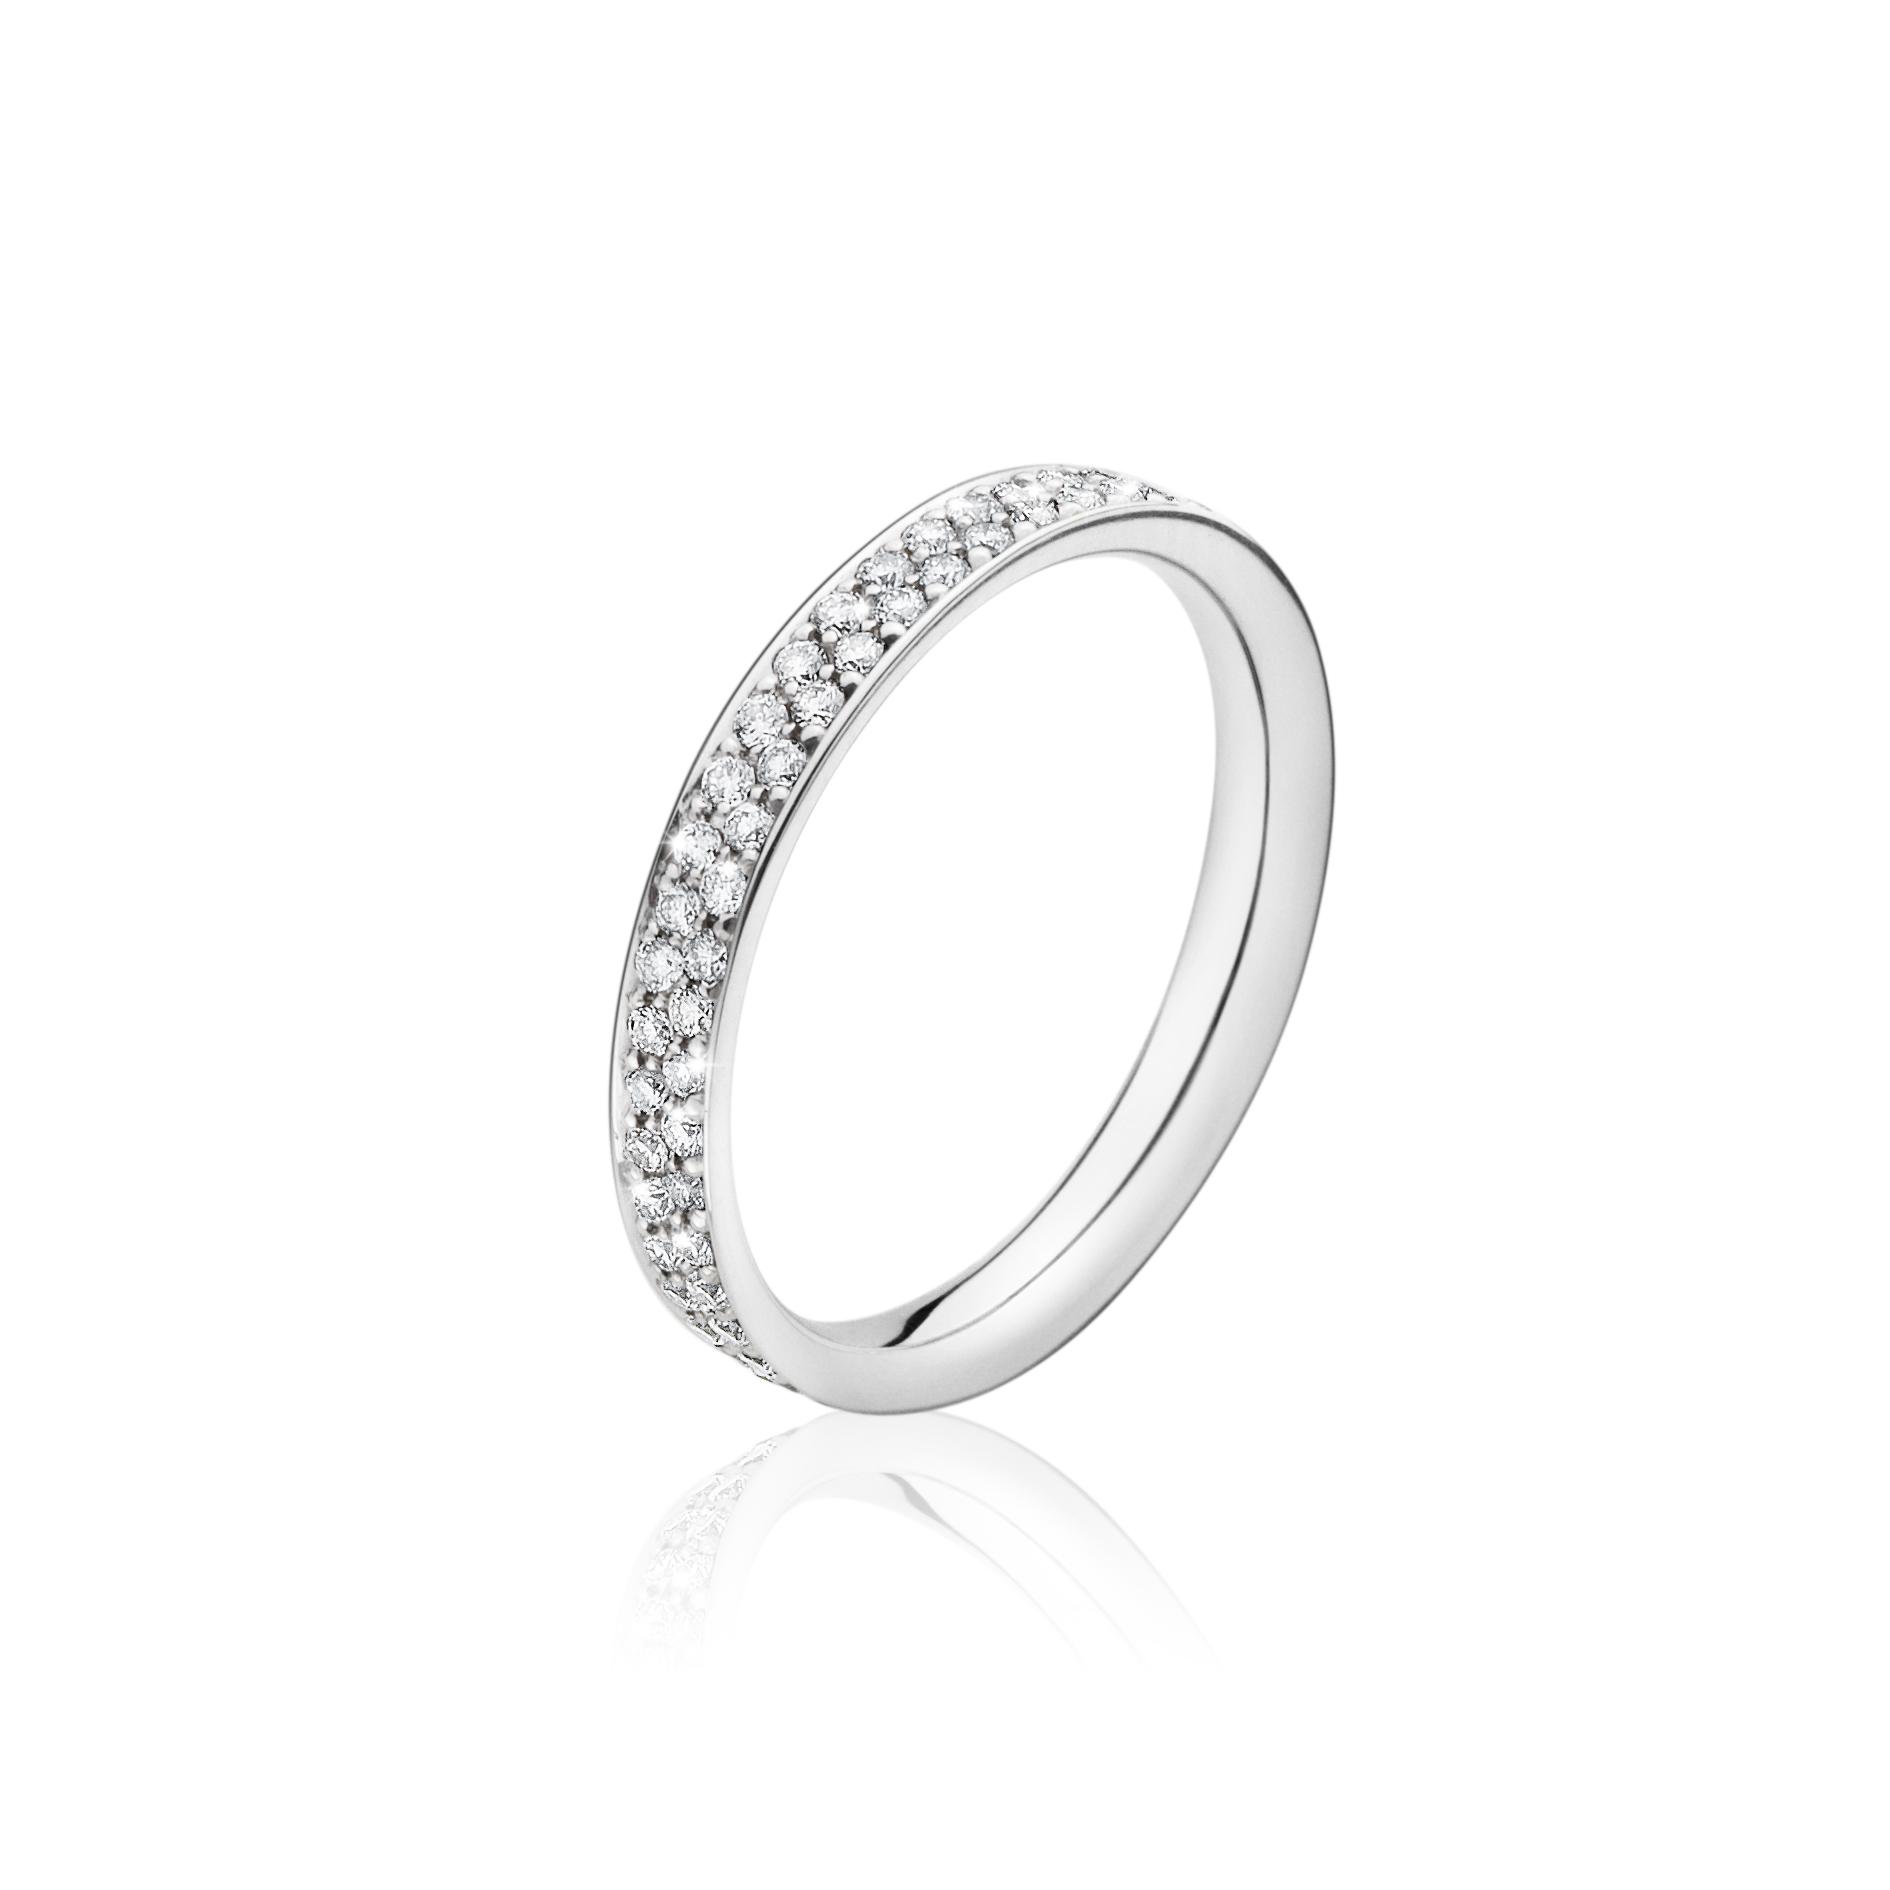 Georg jensen magic ring hvidguld - 20000285 hvg/ialt 0,53 ct 54 fra georg jensen - smykker fra brodersen + kobborg